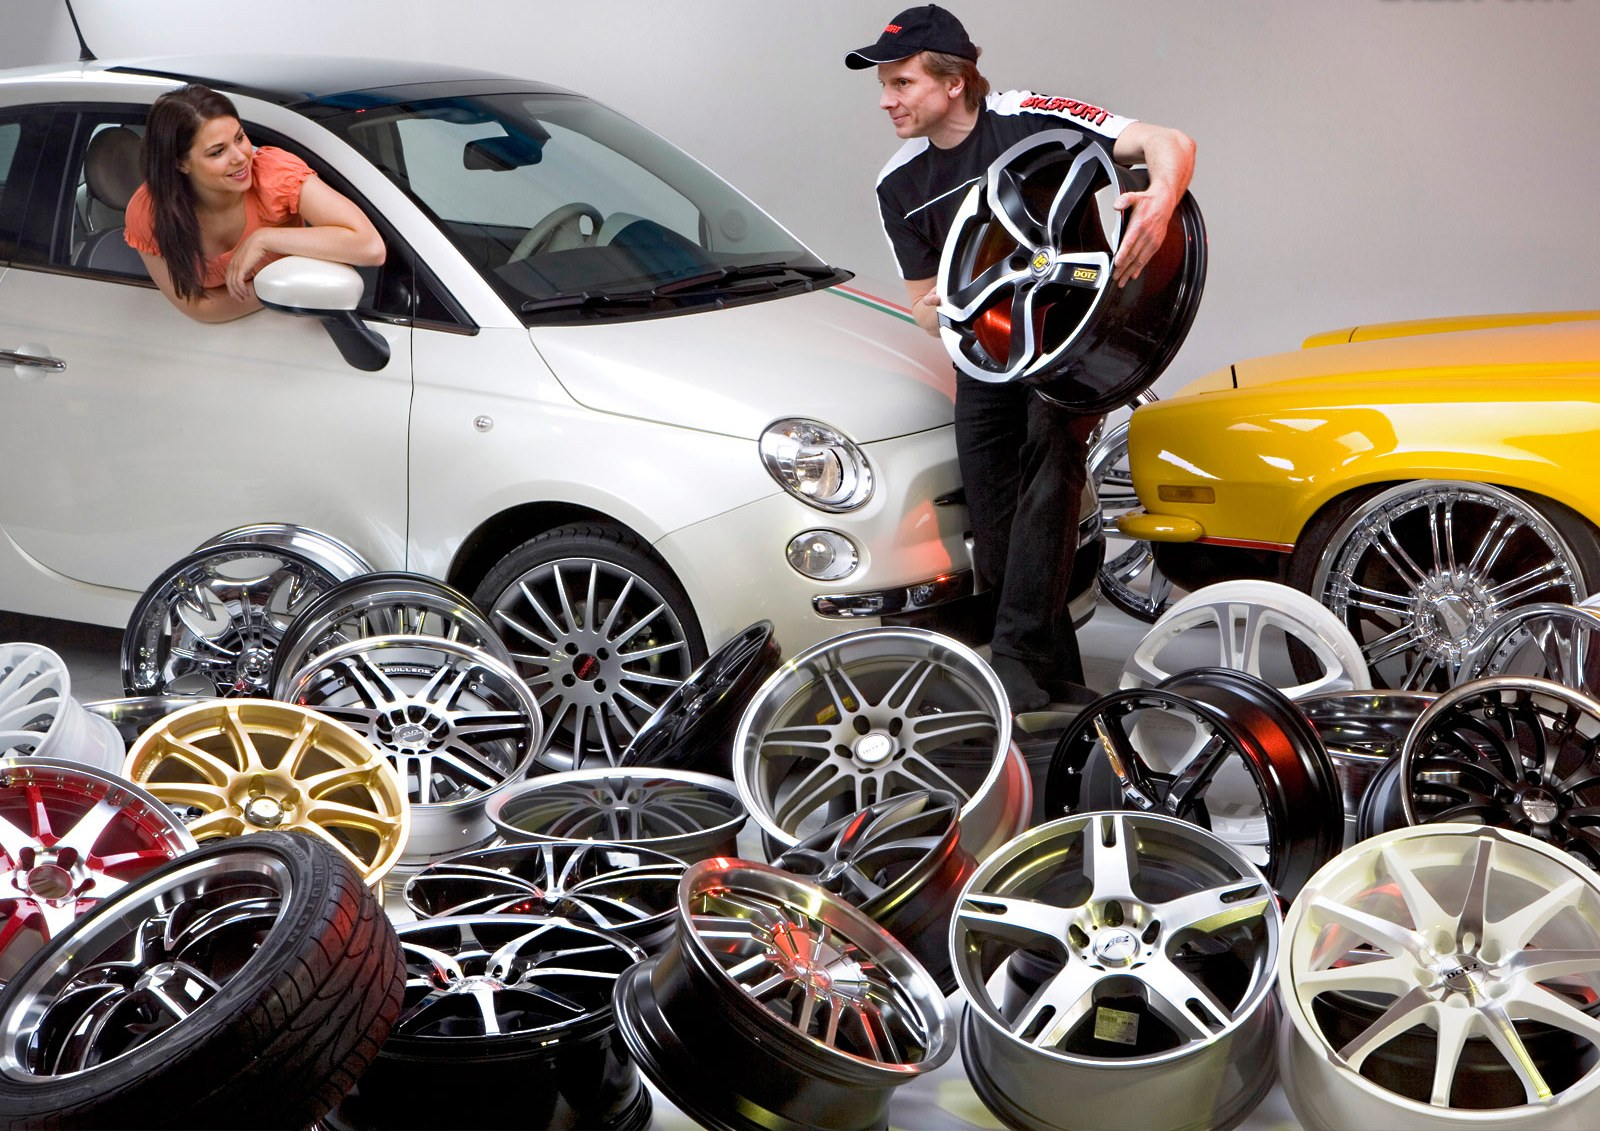 Подбор дисков по автомобилю: как использовать функционал магазина